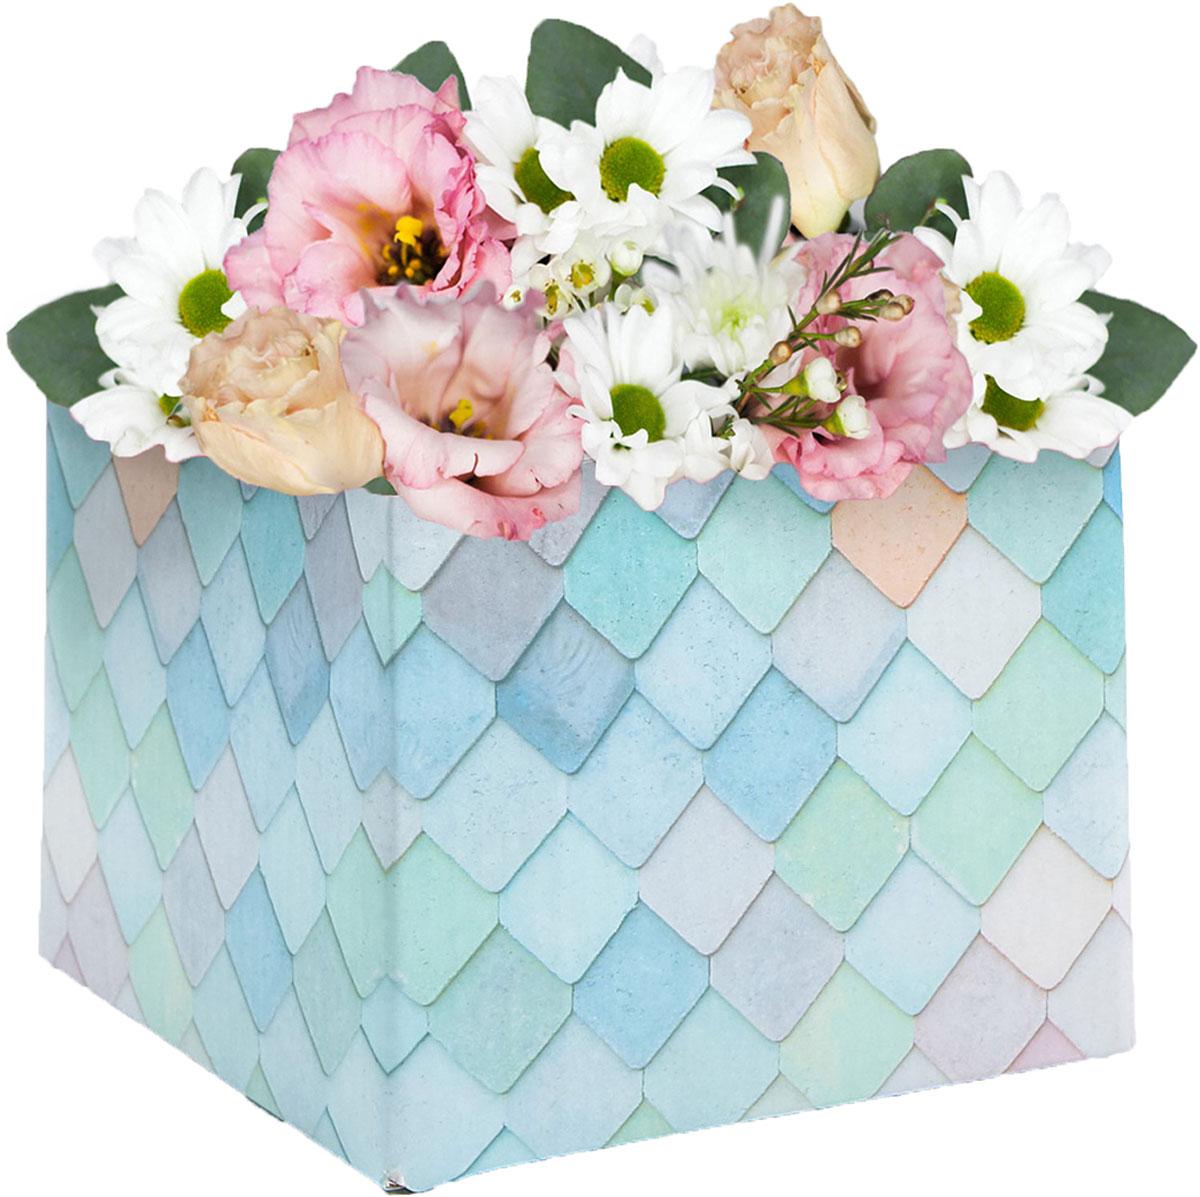 Любой подарок начинается с упаковки. Что может быть трогательнее и волшебнее, чем ритуал разворачивания полученного презента. И именно оригинальная, со вкусом выбранная упаковка выделит ваш подарок из массы других. Она продемонстрирует самые тёплые чувства к виновнику торжества и создаст сказочную атмосферу праздника. Складная коробка — это то, что вы искали.